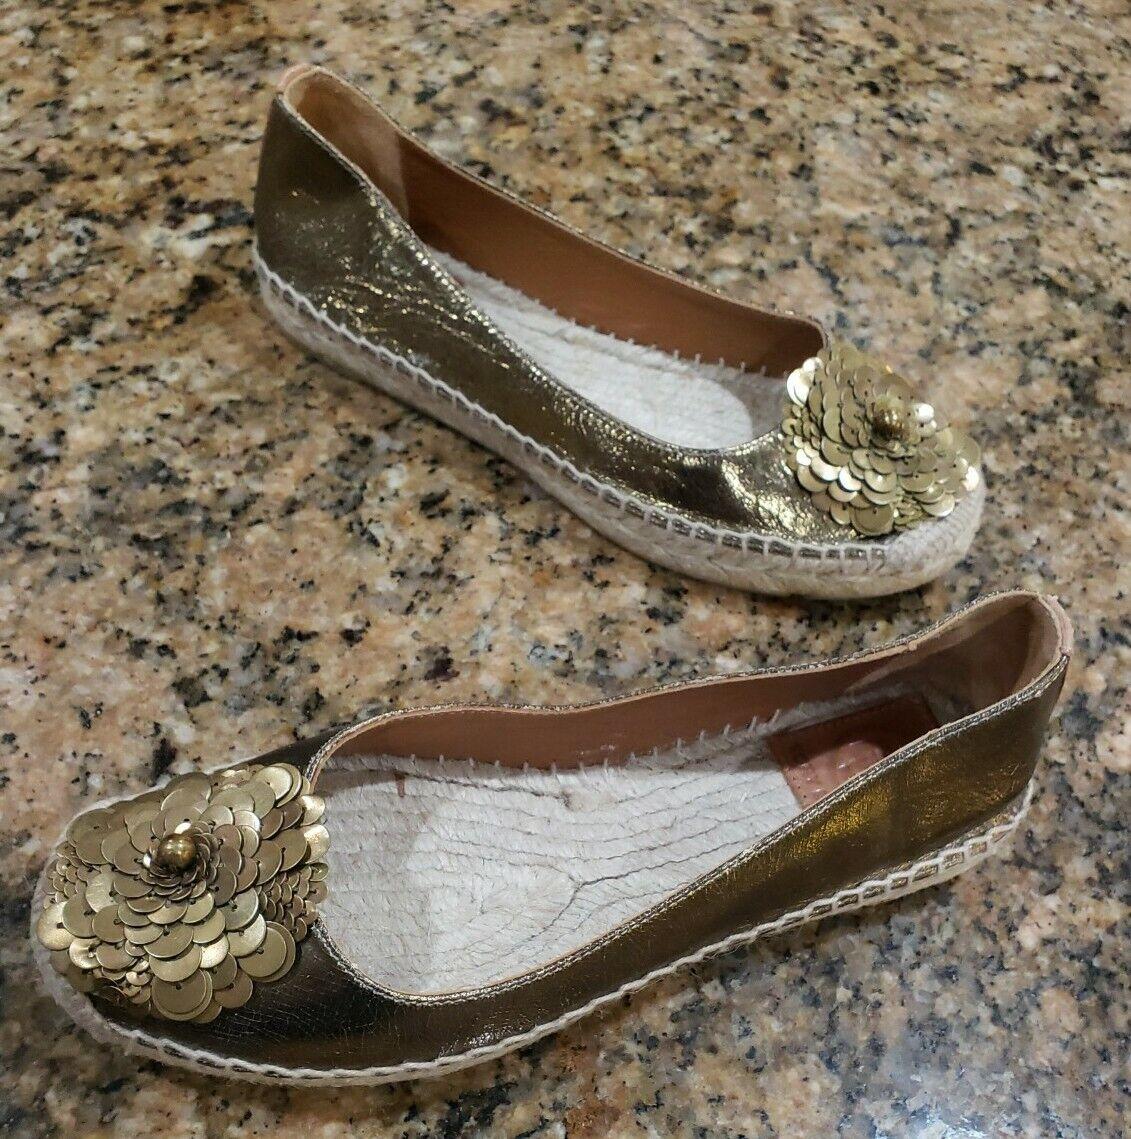 Tory Burch Espadrille Slip On Metallic Gold Flower Ballet Flats Womens Shoes 5